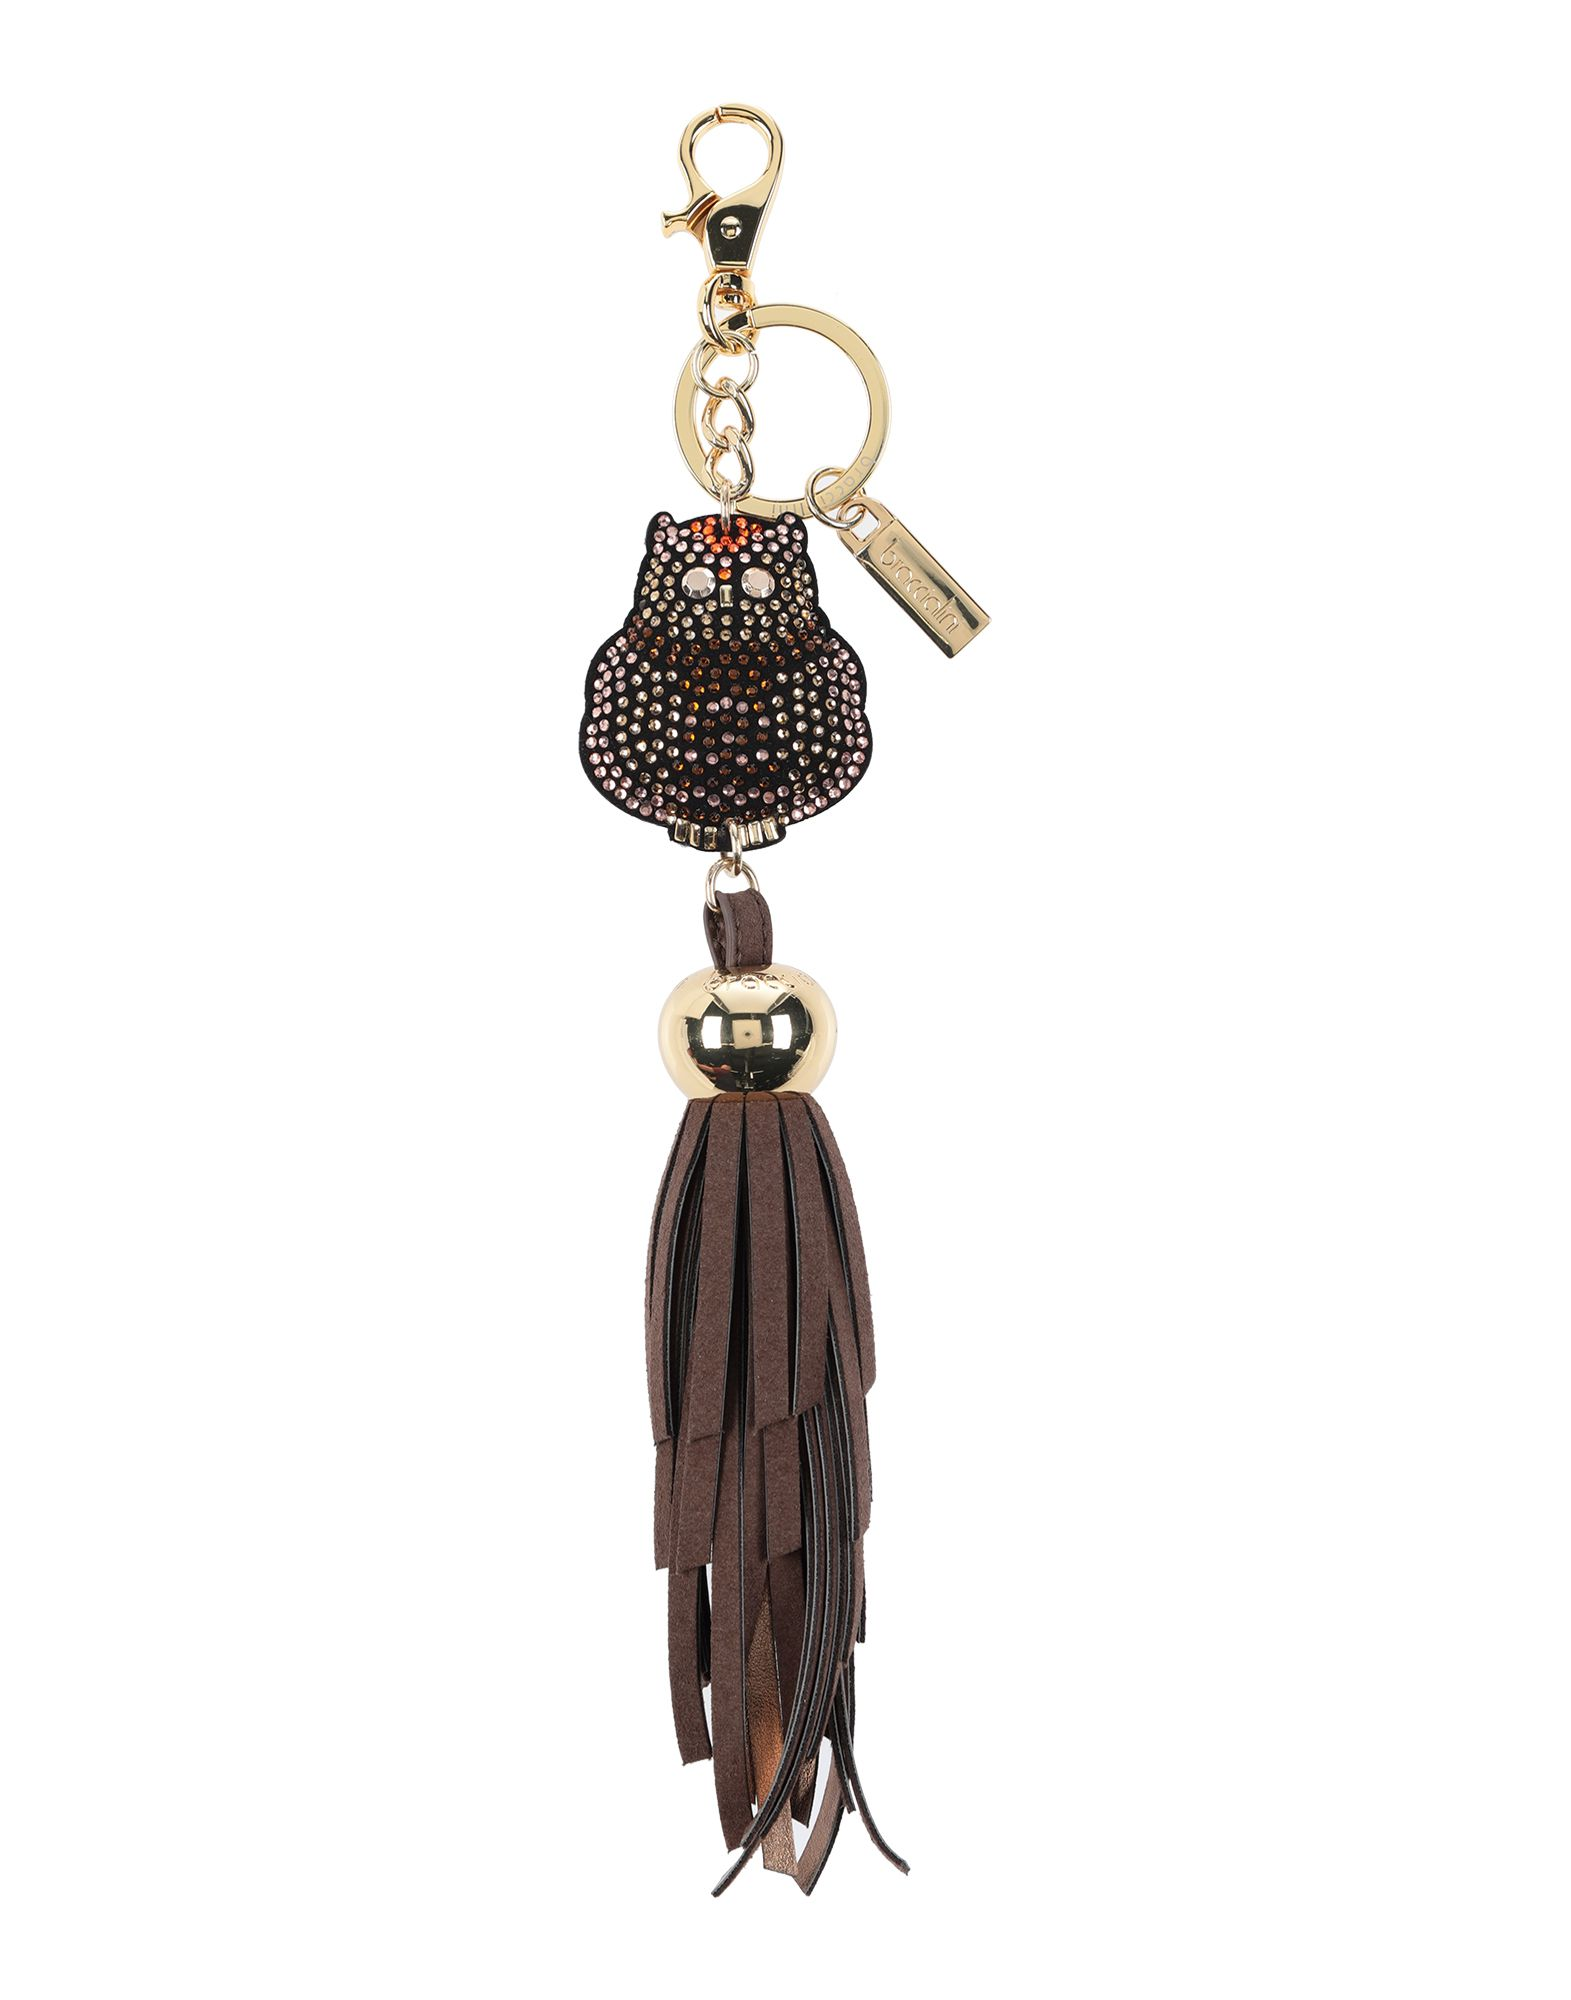 BRACCIALINI Брелок для ключей jobon zhongyin брелок для ключей кольцо брелок для ключей волокно кожа двойной брелок для переноски zb 030g розовое золото